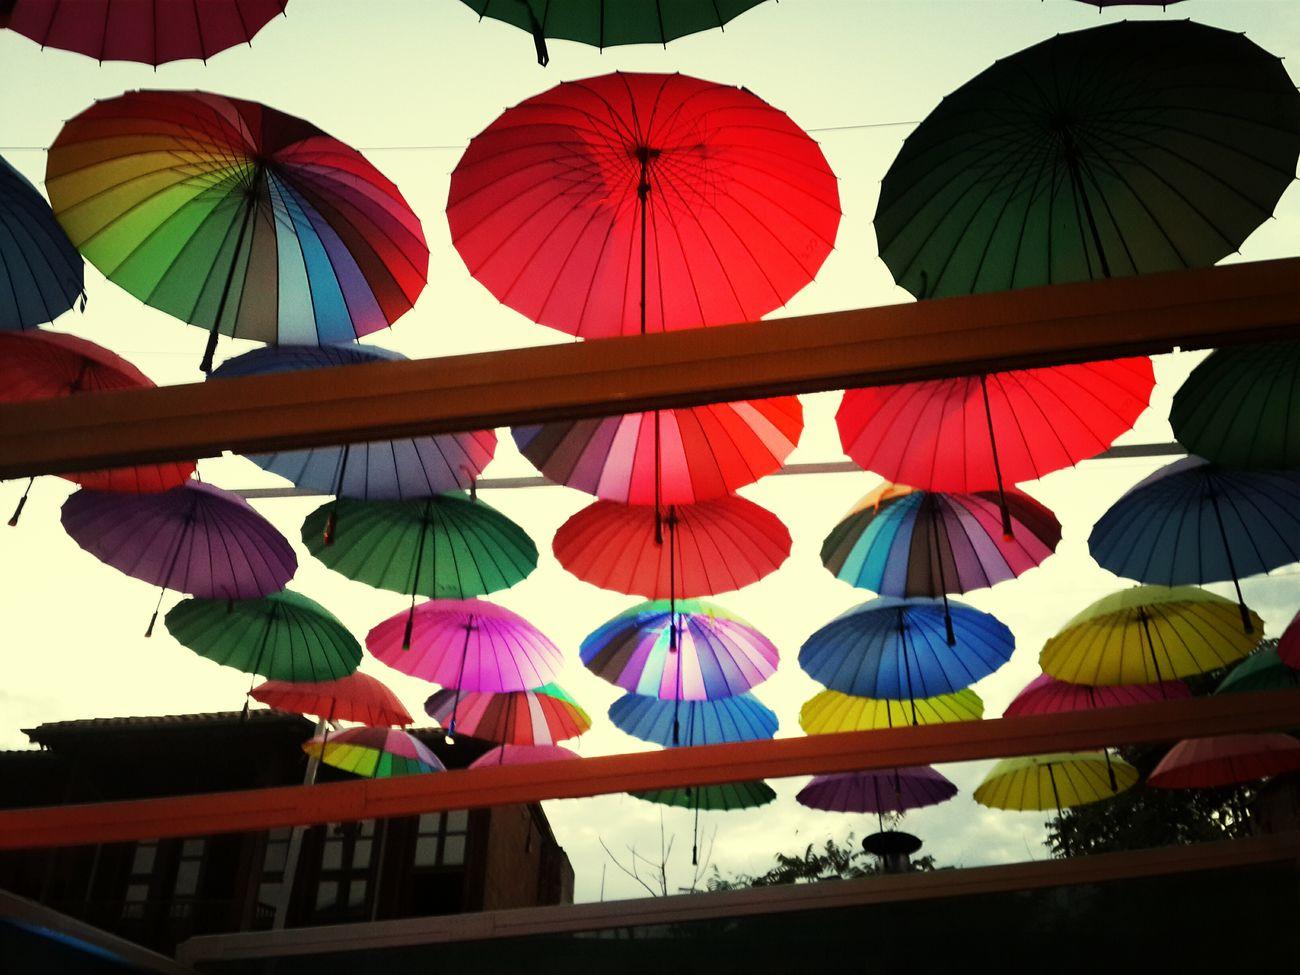 Renklerin çatısı altında cau keyfi :)